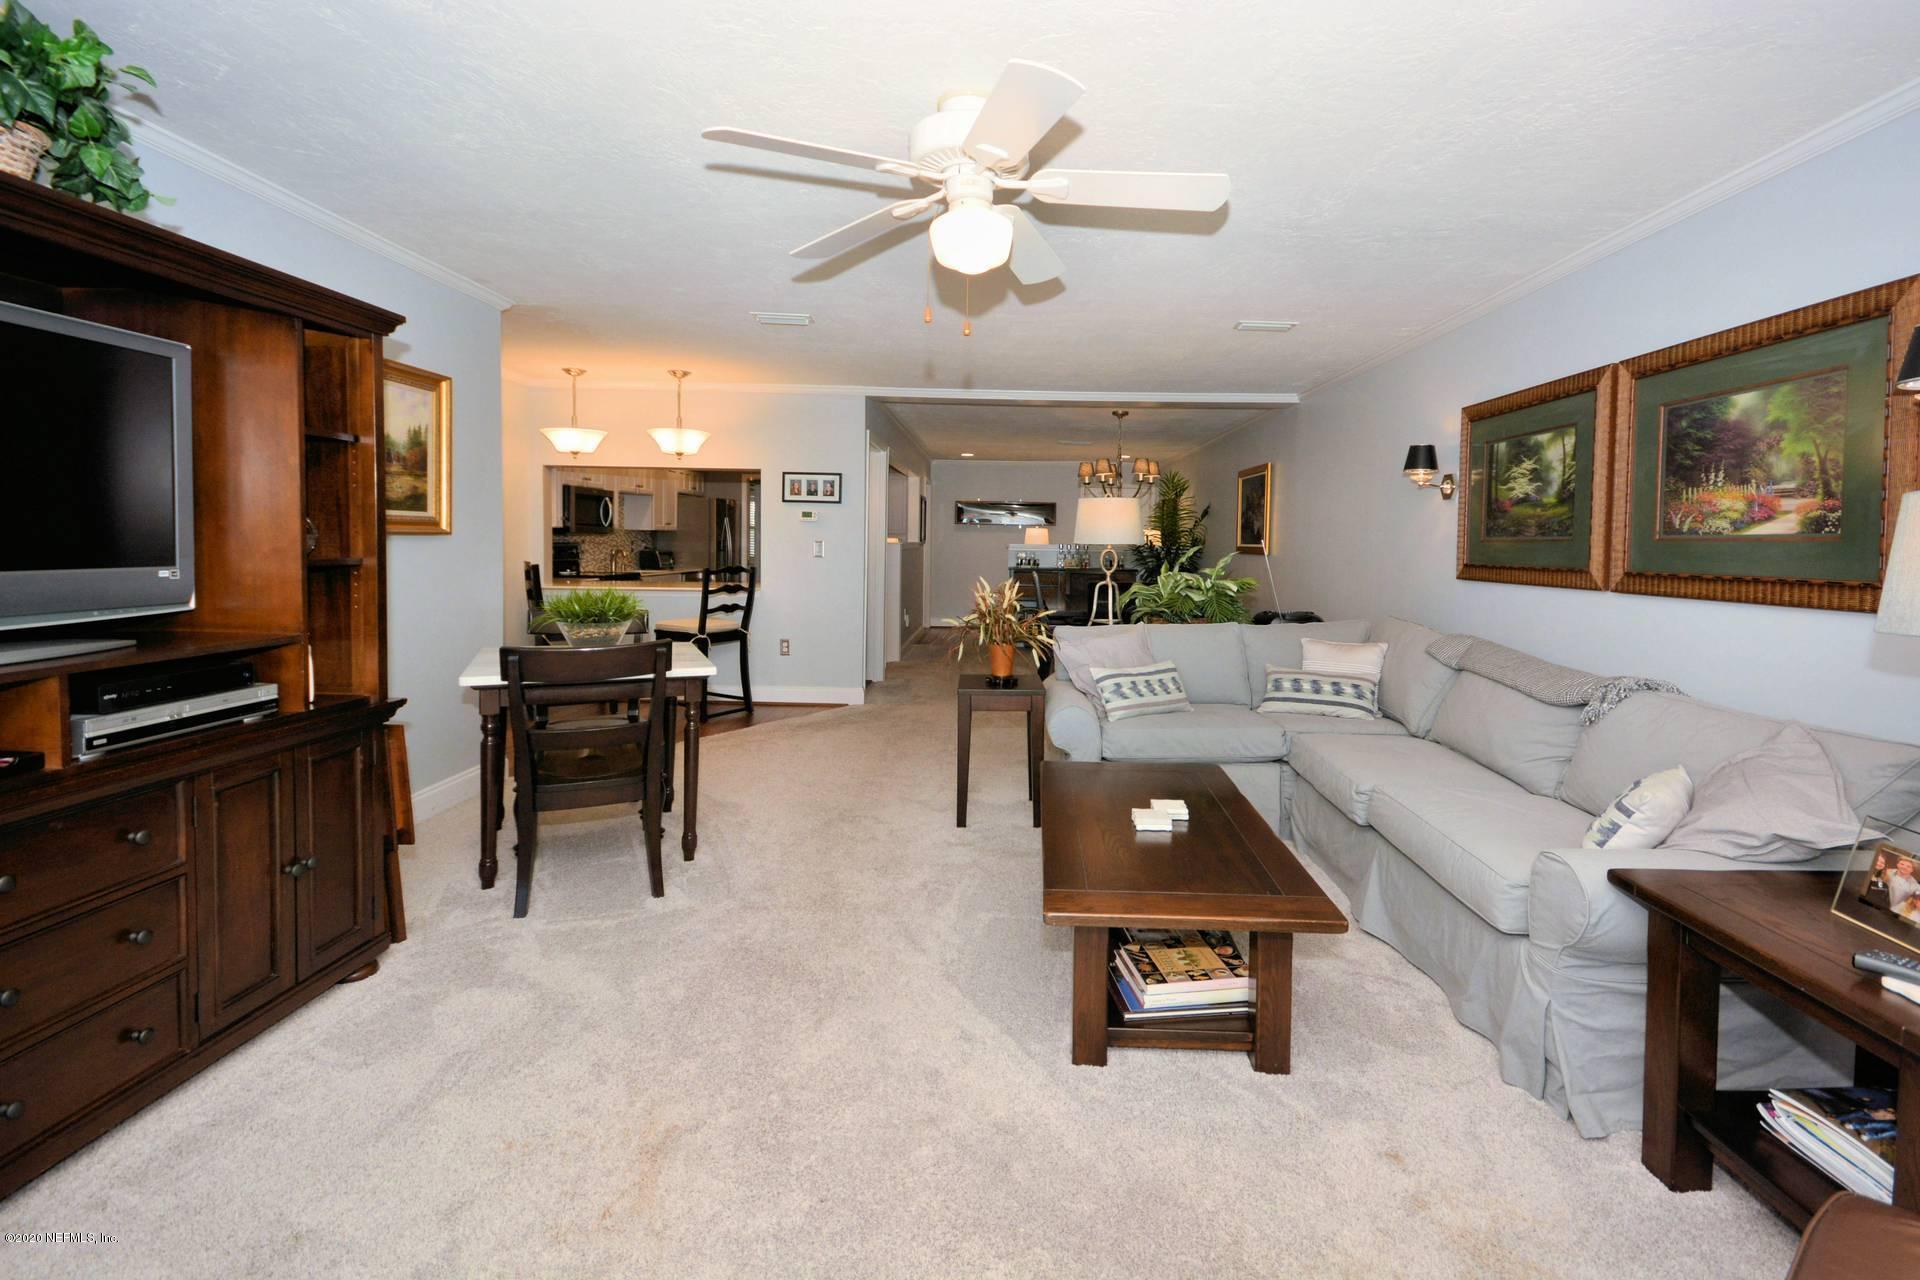 10 10TH, ATLANTIC BEACH, FLORIDA 32233, 3 Bedrooms Bedrooms, ,2 BathroomsBathrooms,Condo,For sale,10TH,1021201